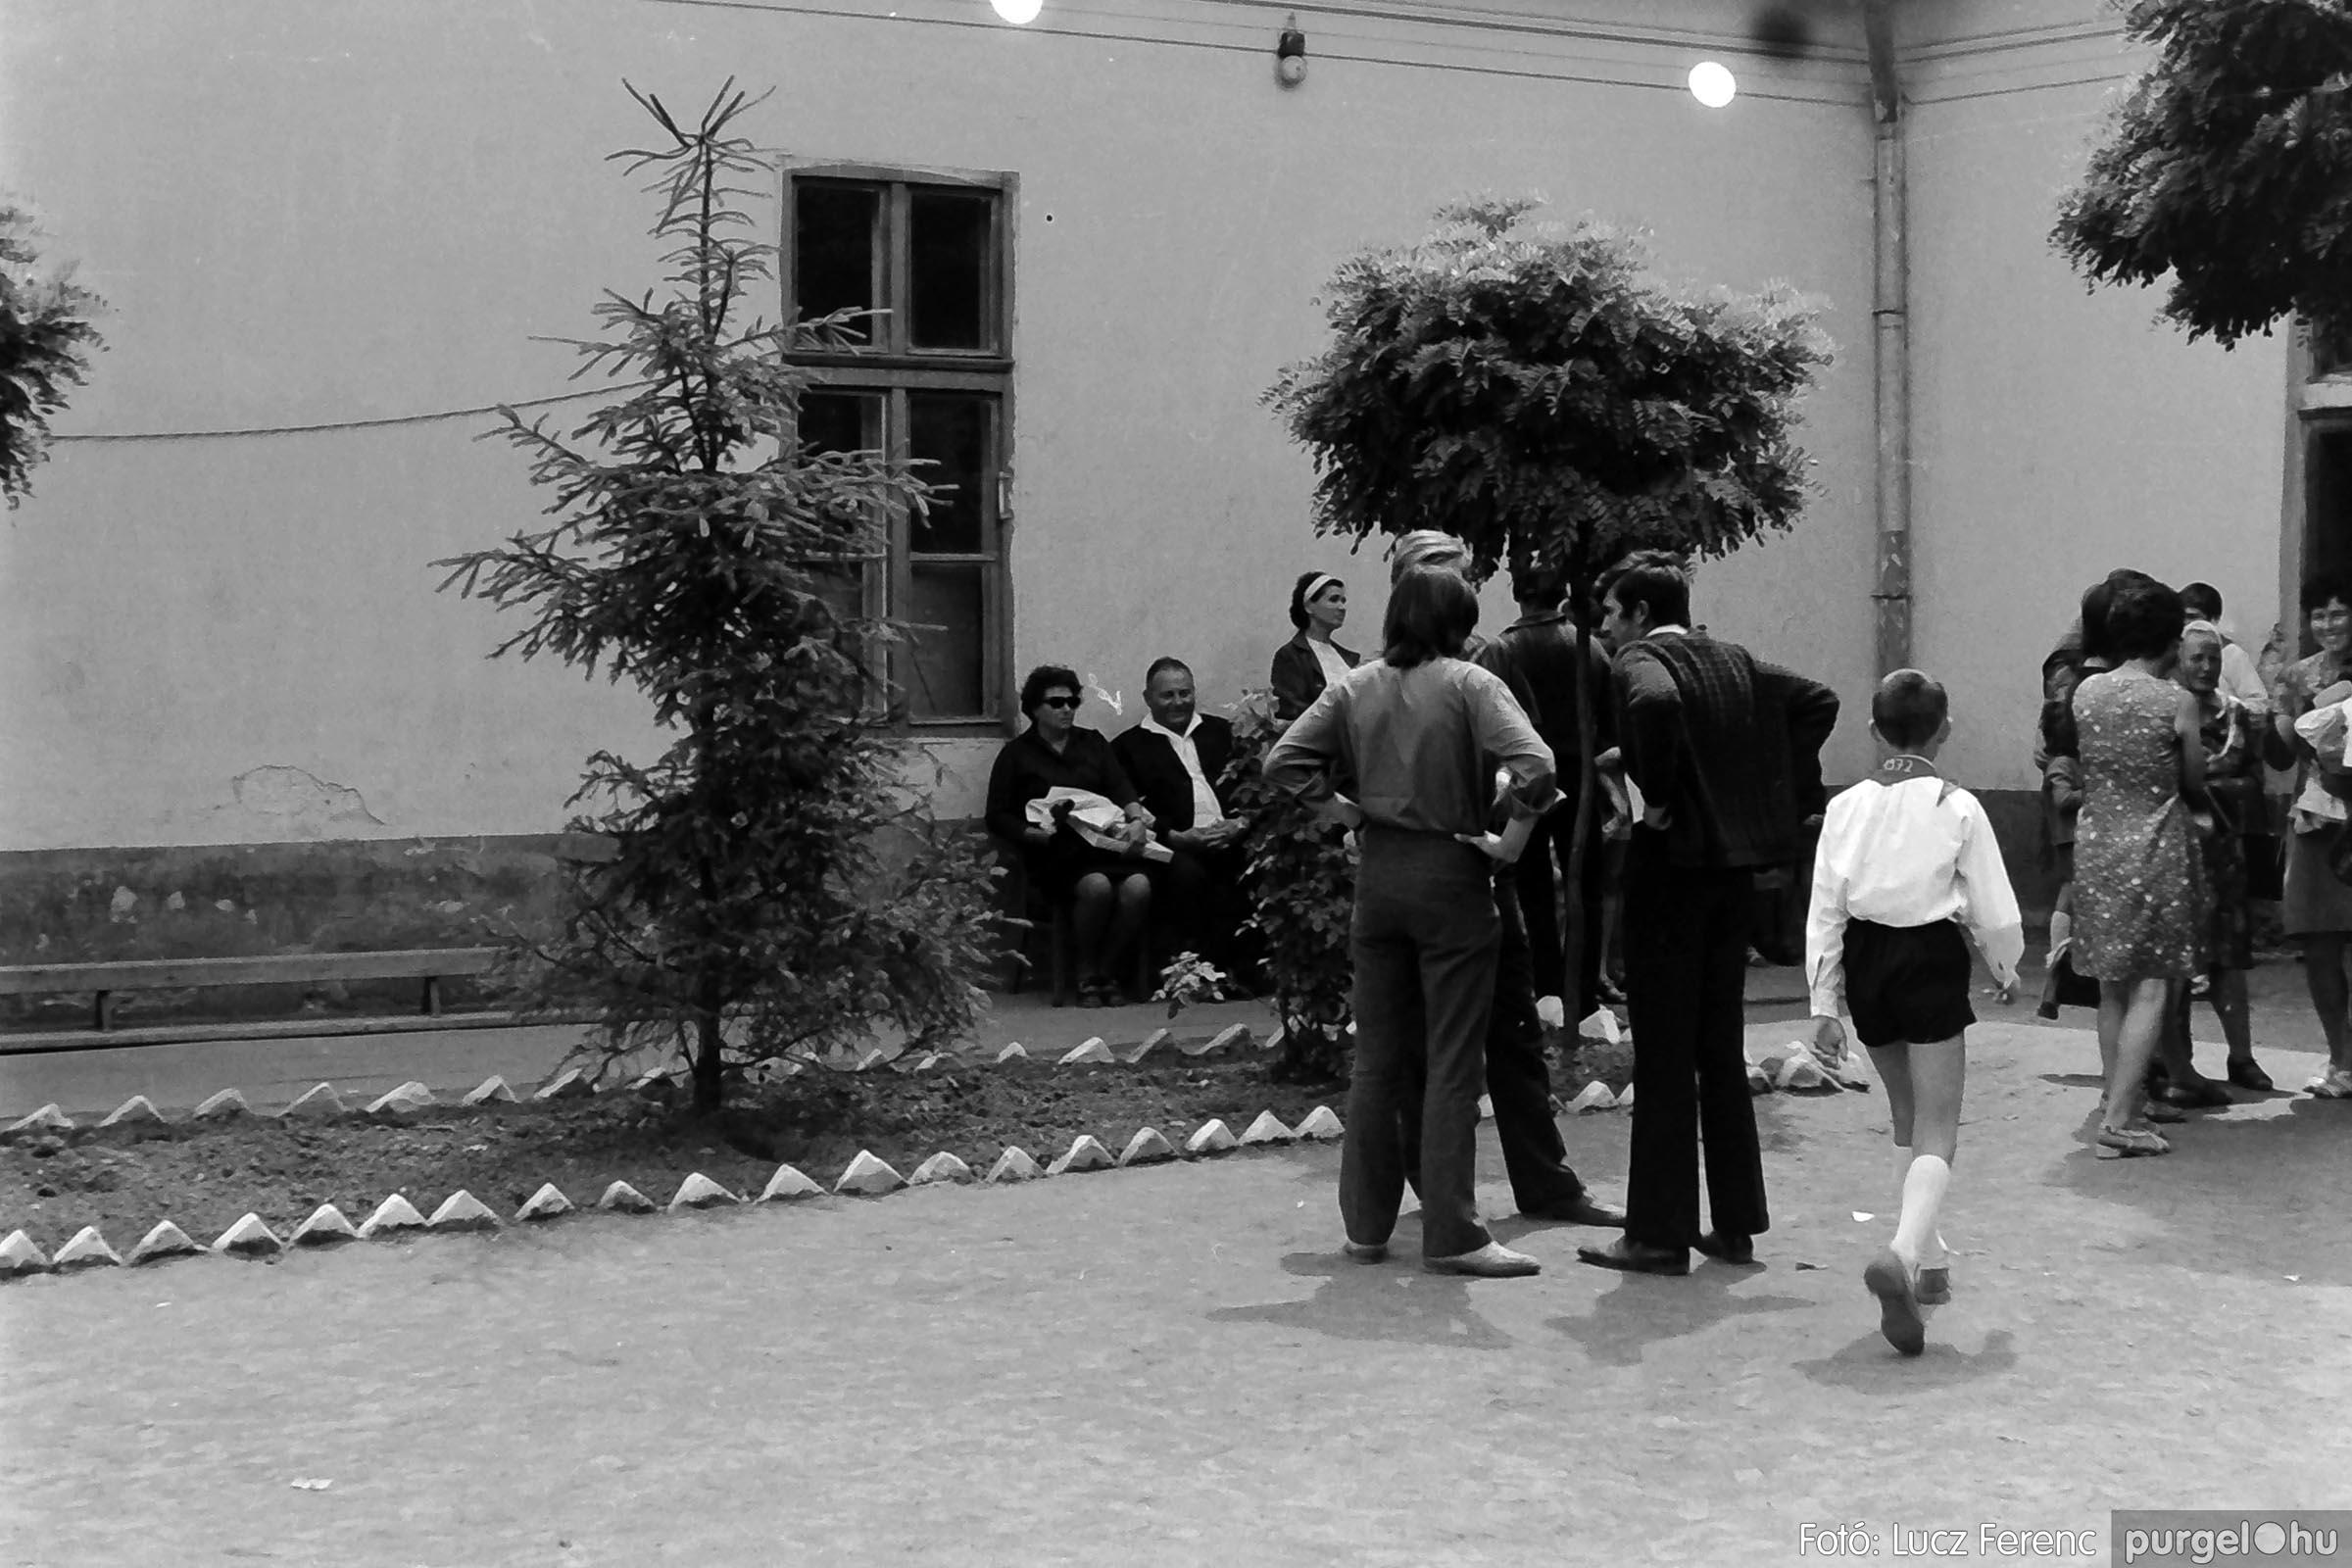 001 1972.05.27. Ballagás a szegvári iskolában 034 - Fotó: Lucz Ferenc - IMG01056q.jpg